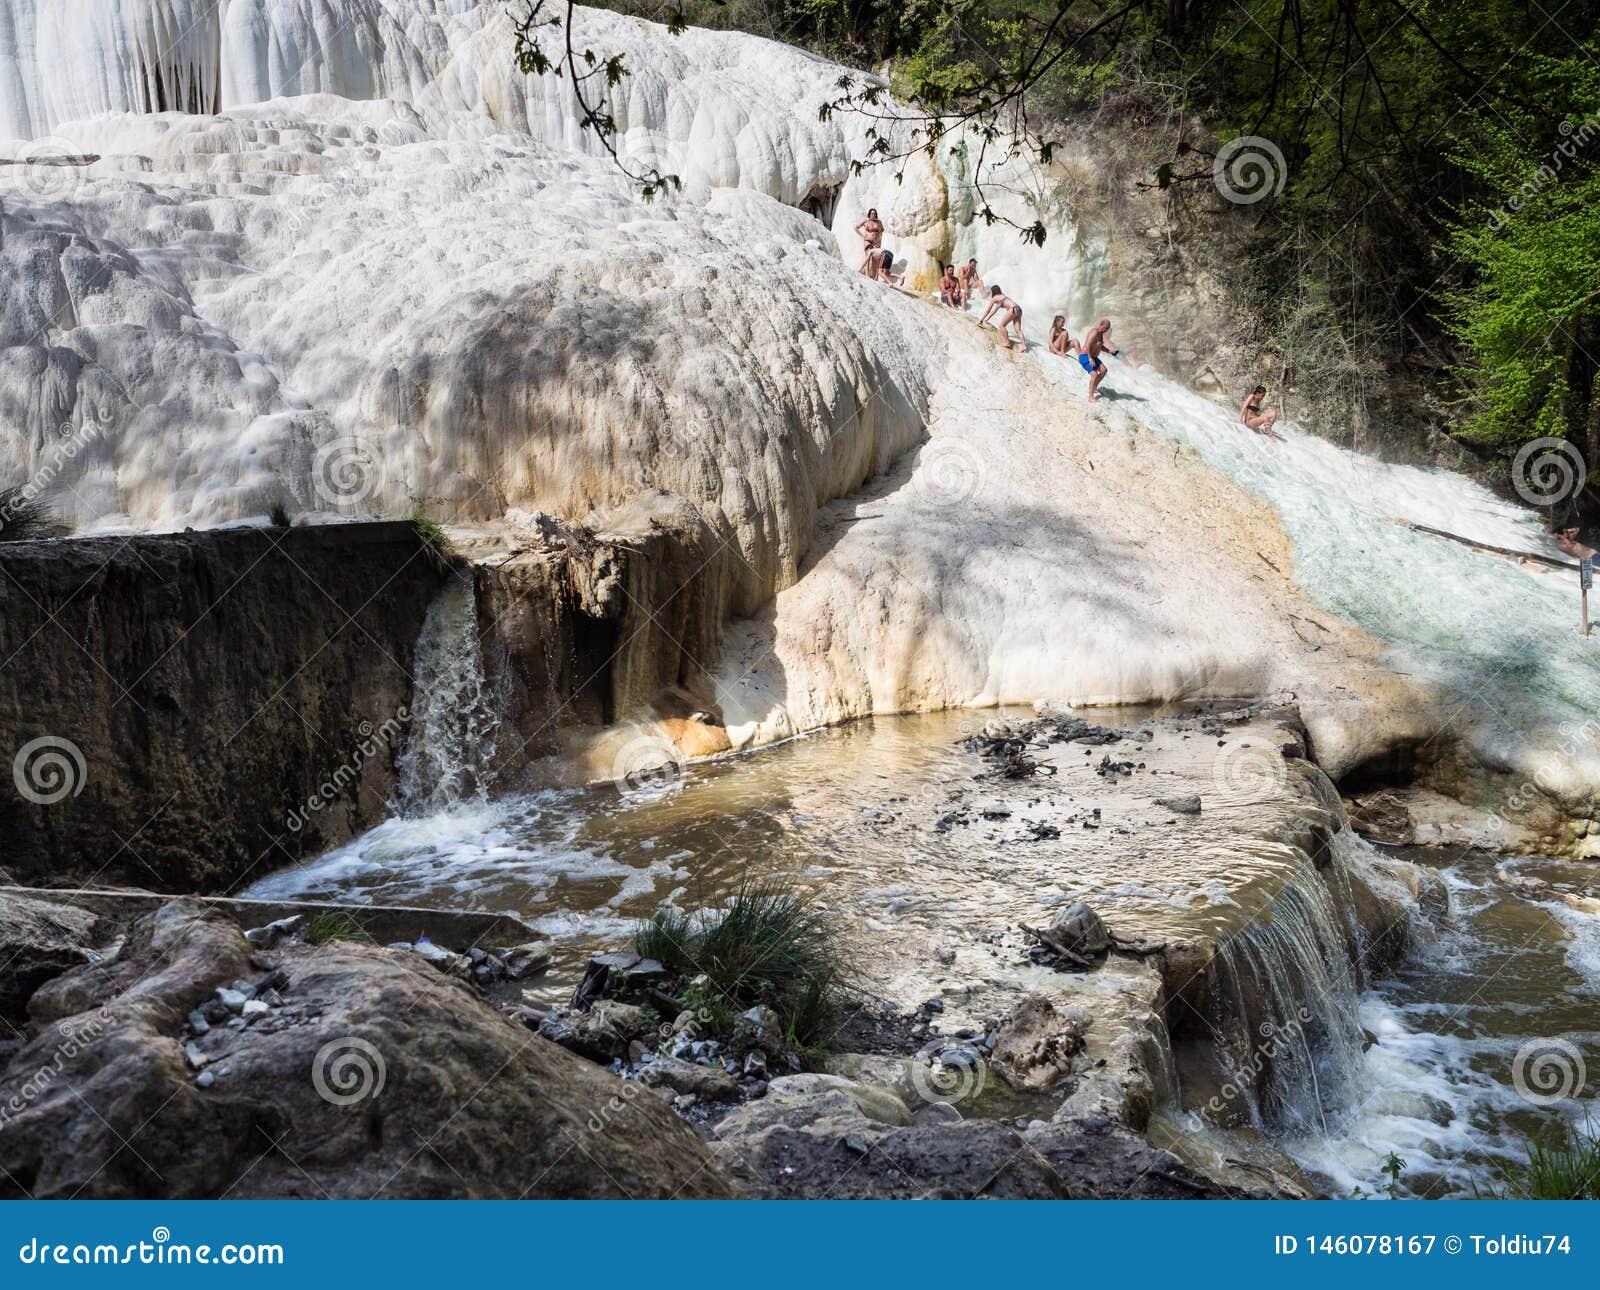 Resto de la gente en las cascadas termales de la sal de las primaveras minerales de Bagni San Filippo en un día soleado